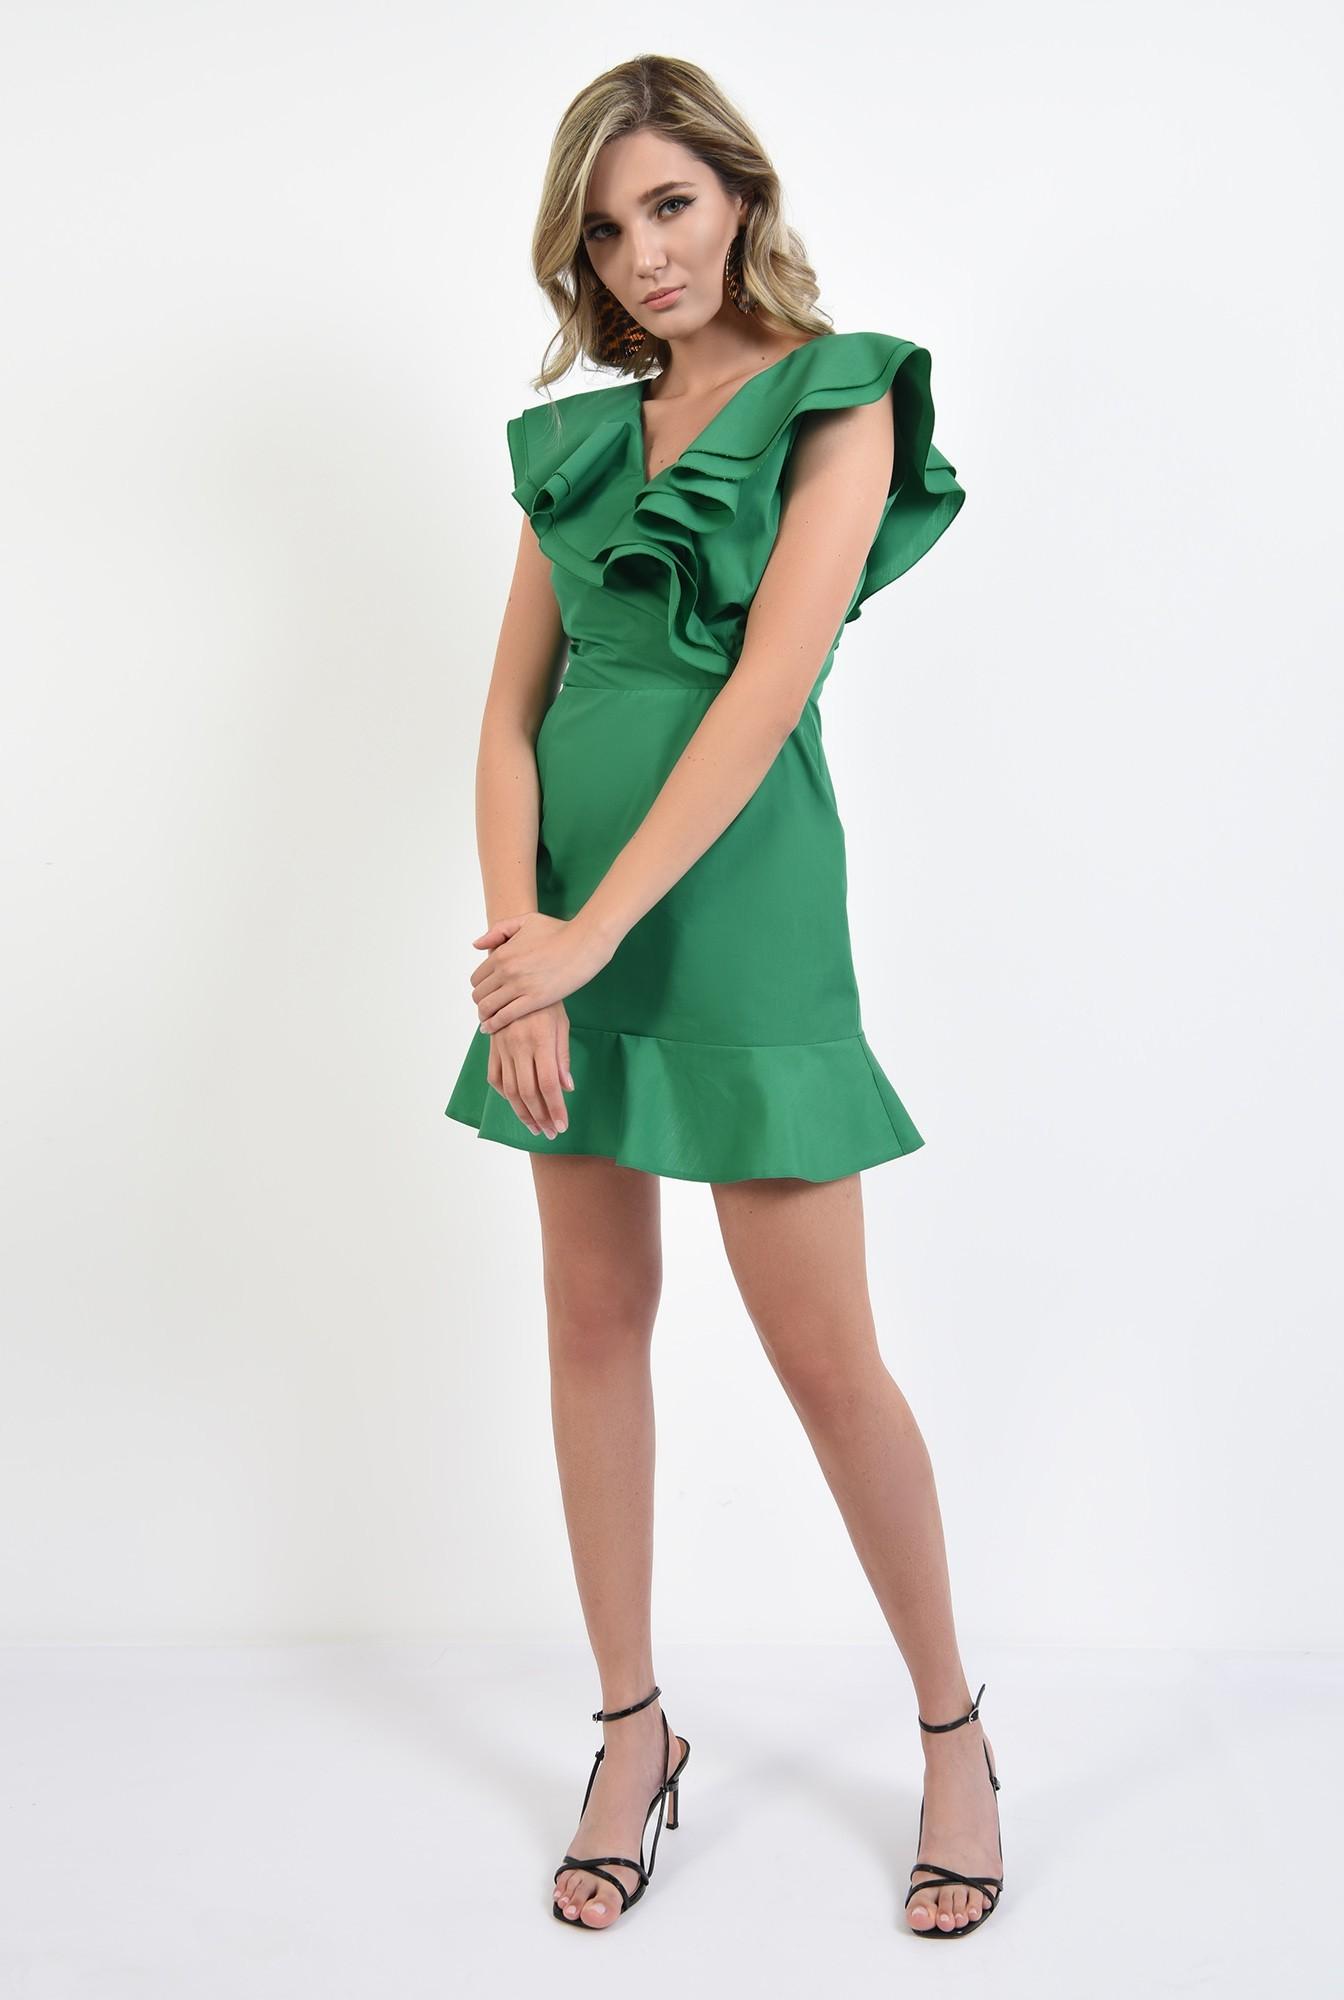 0 - 360 - rochie verde, din bumbac, cu volane, Poema